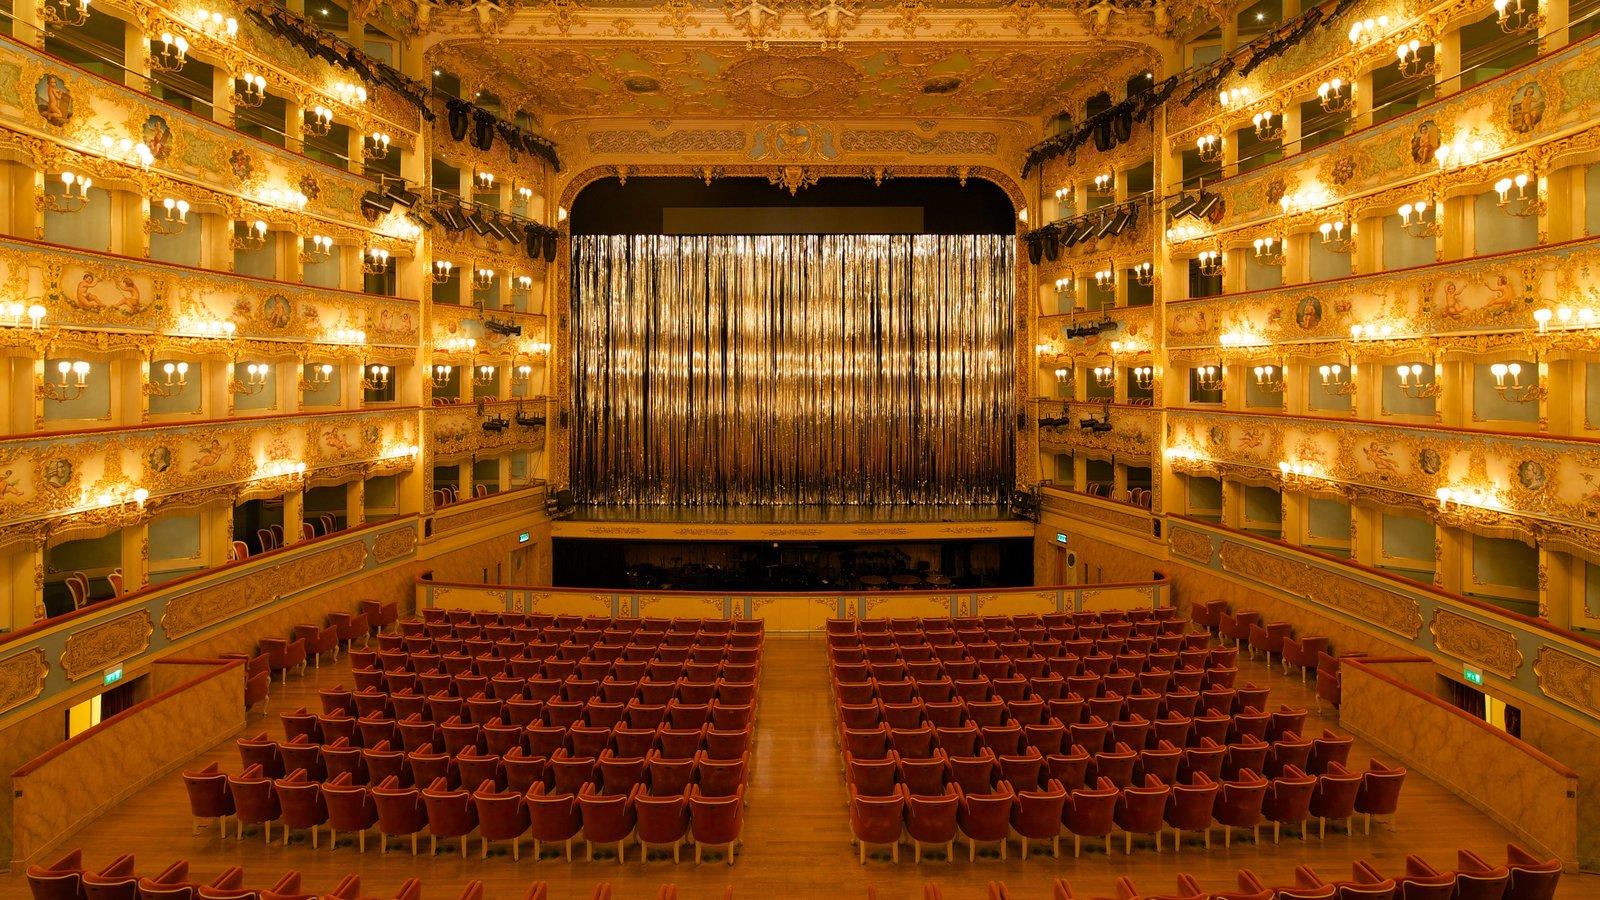 La Fenice Opera House showing interior views and theatre scenes